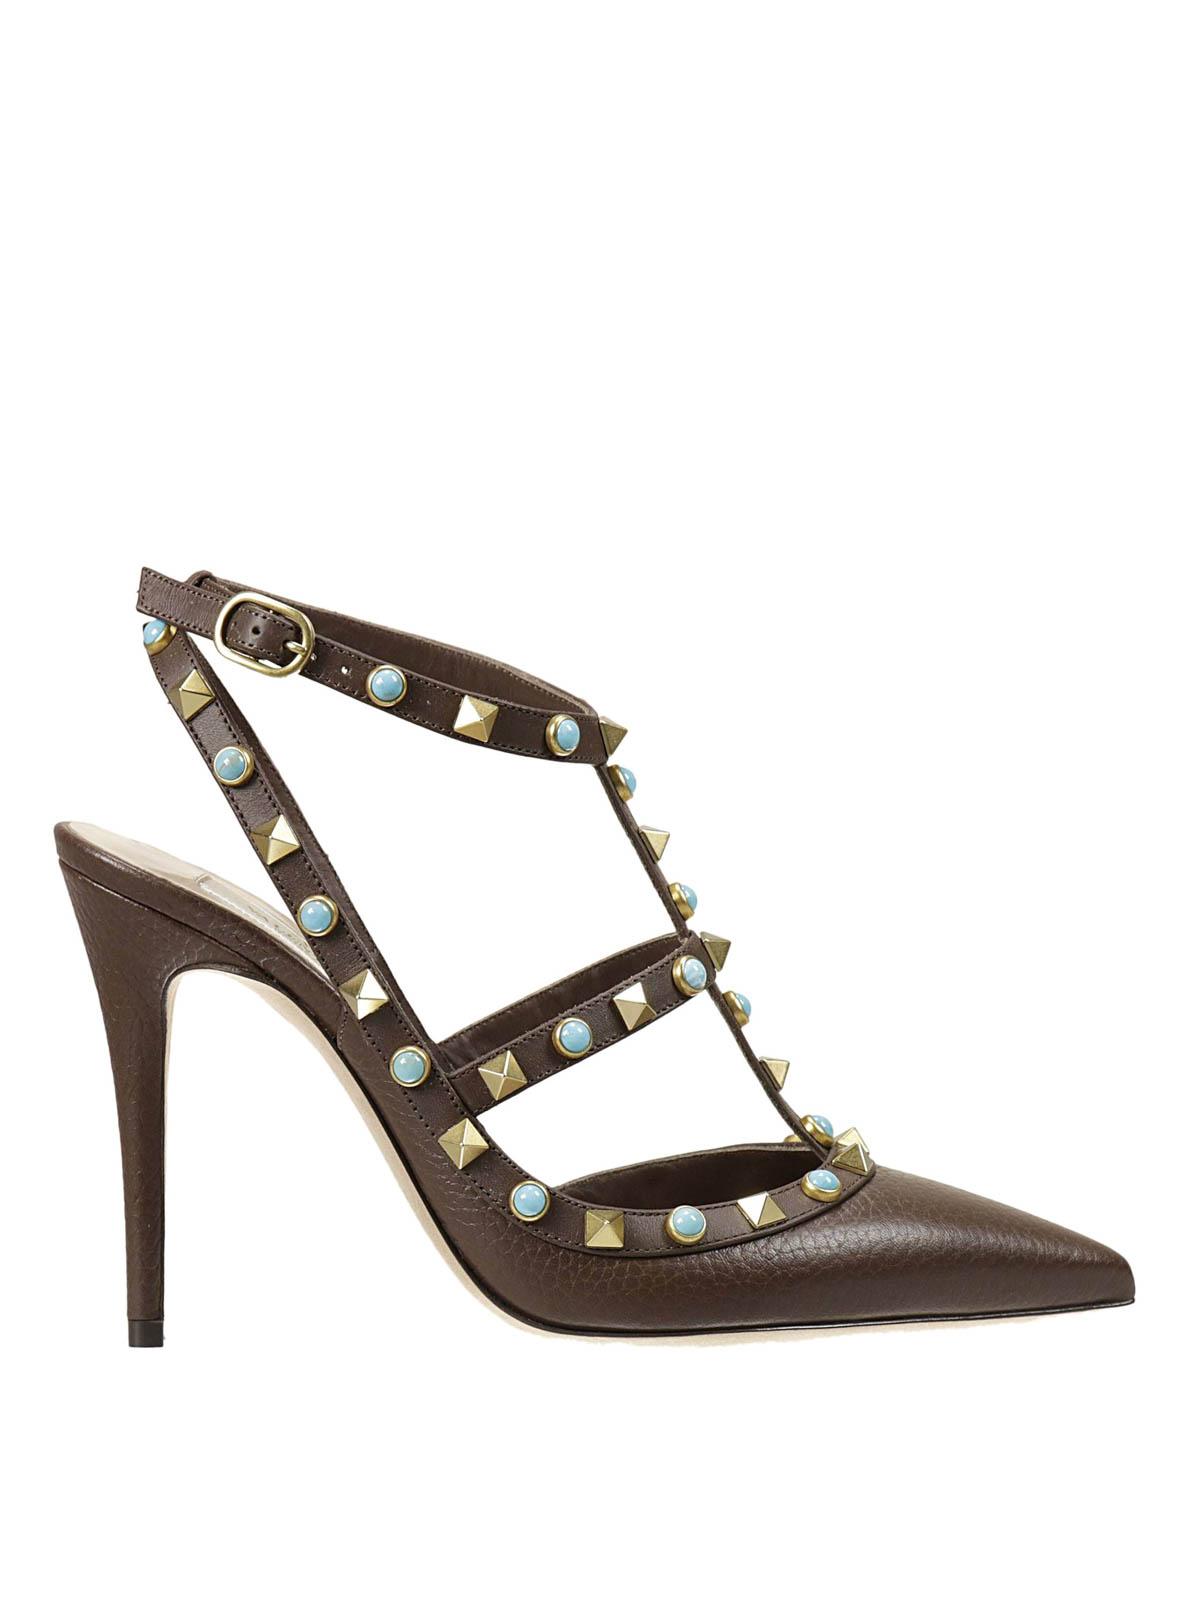 rockstud rolling pumps by valentino garavani court shoes ikrix. Black Bedroom Furniture Sets. Home Design Ideas